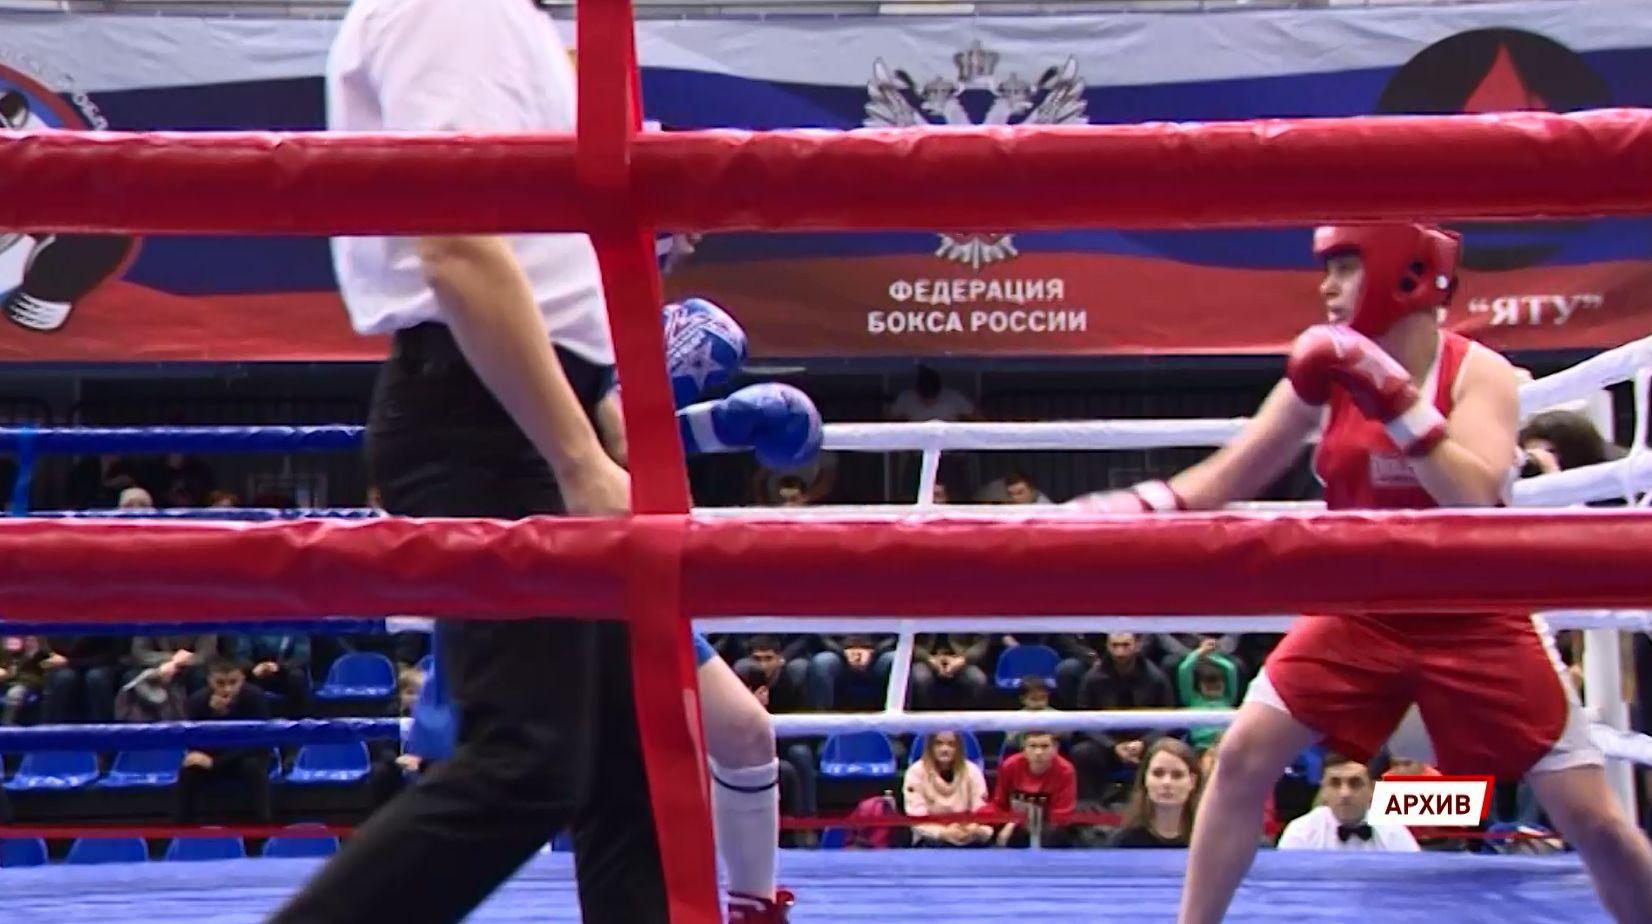 Более 150 боксеров из 30 регионов - Ярославль готовится к Кубку губернатора по боксу